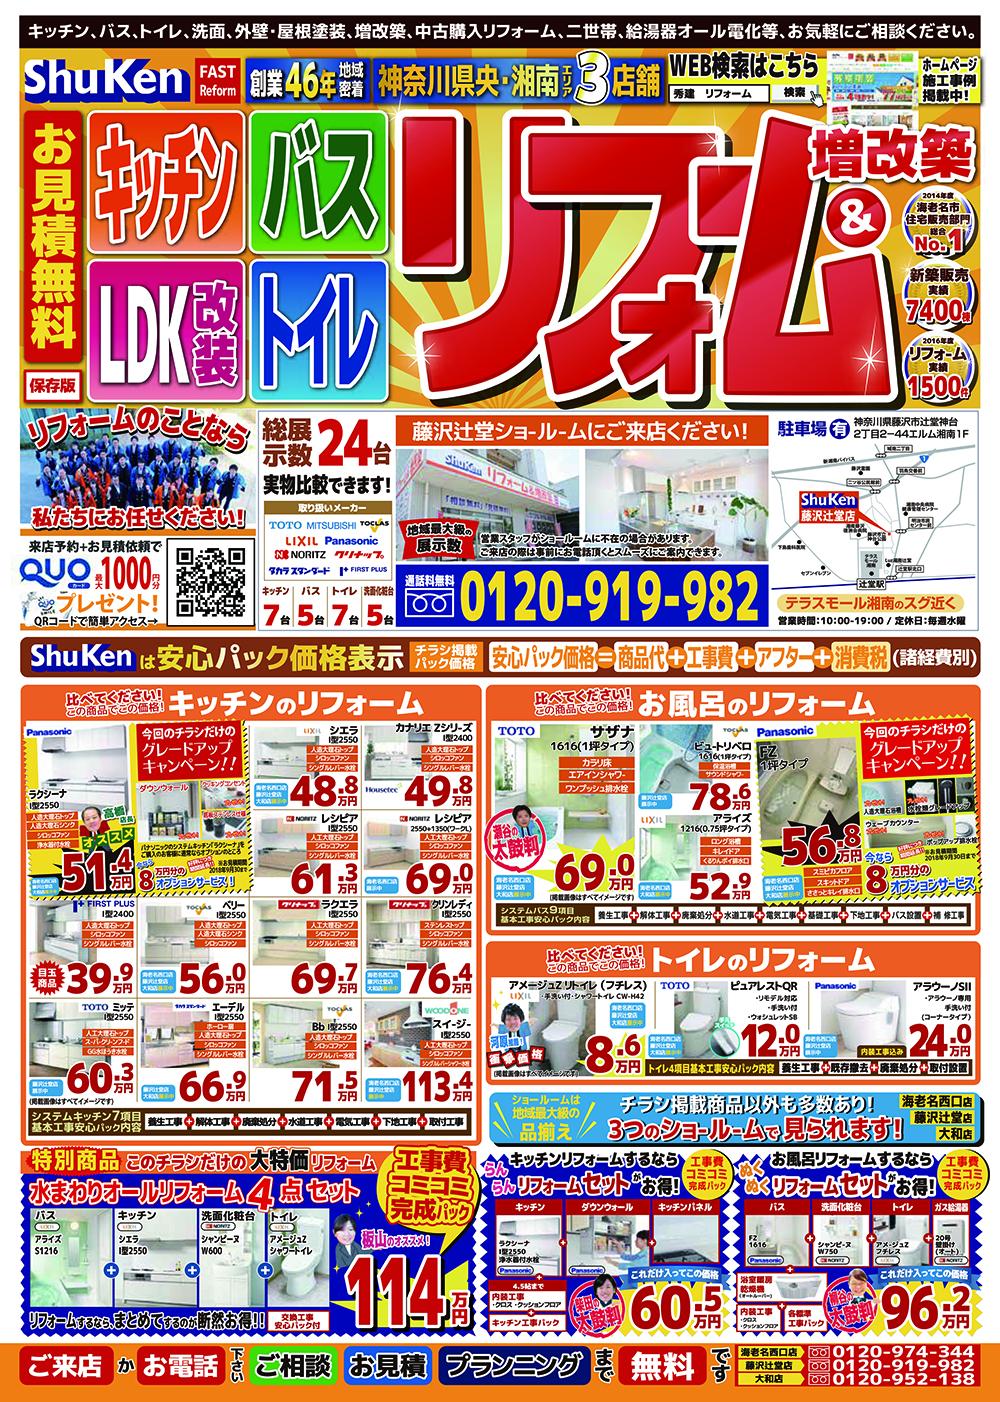 8月定番チラシ_藤沢辻堂店表面